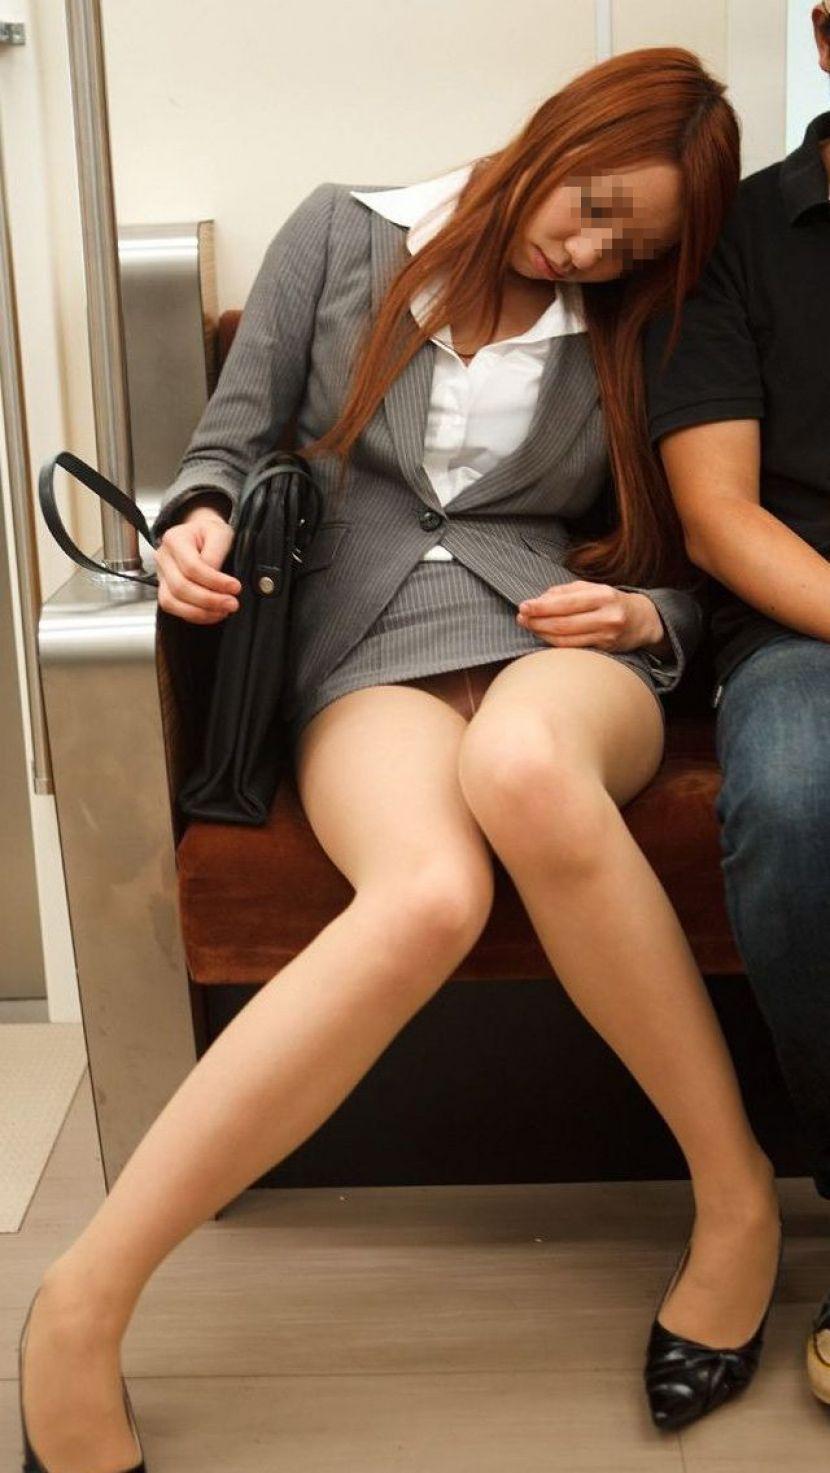 【電車内OL隠し撮り画像】タイトスカートの奥で見え隠れする下着が激エロ…電車内で勃起してしまうOLさんのパンチラ画像 その4